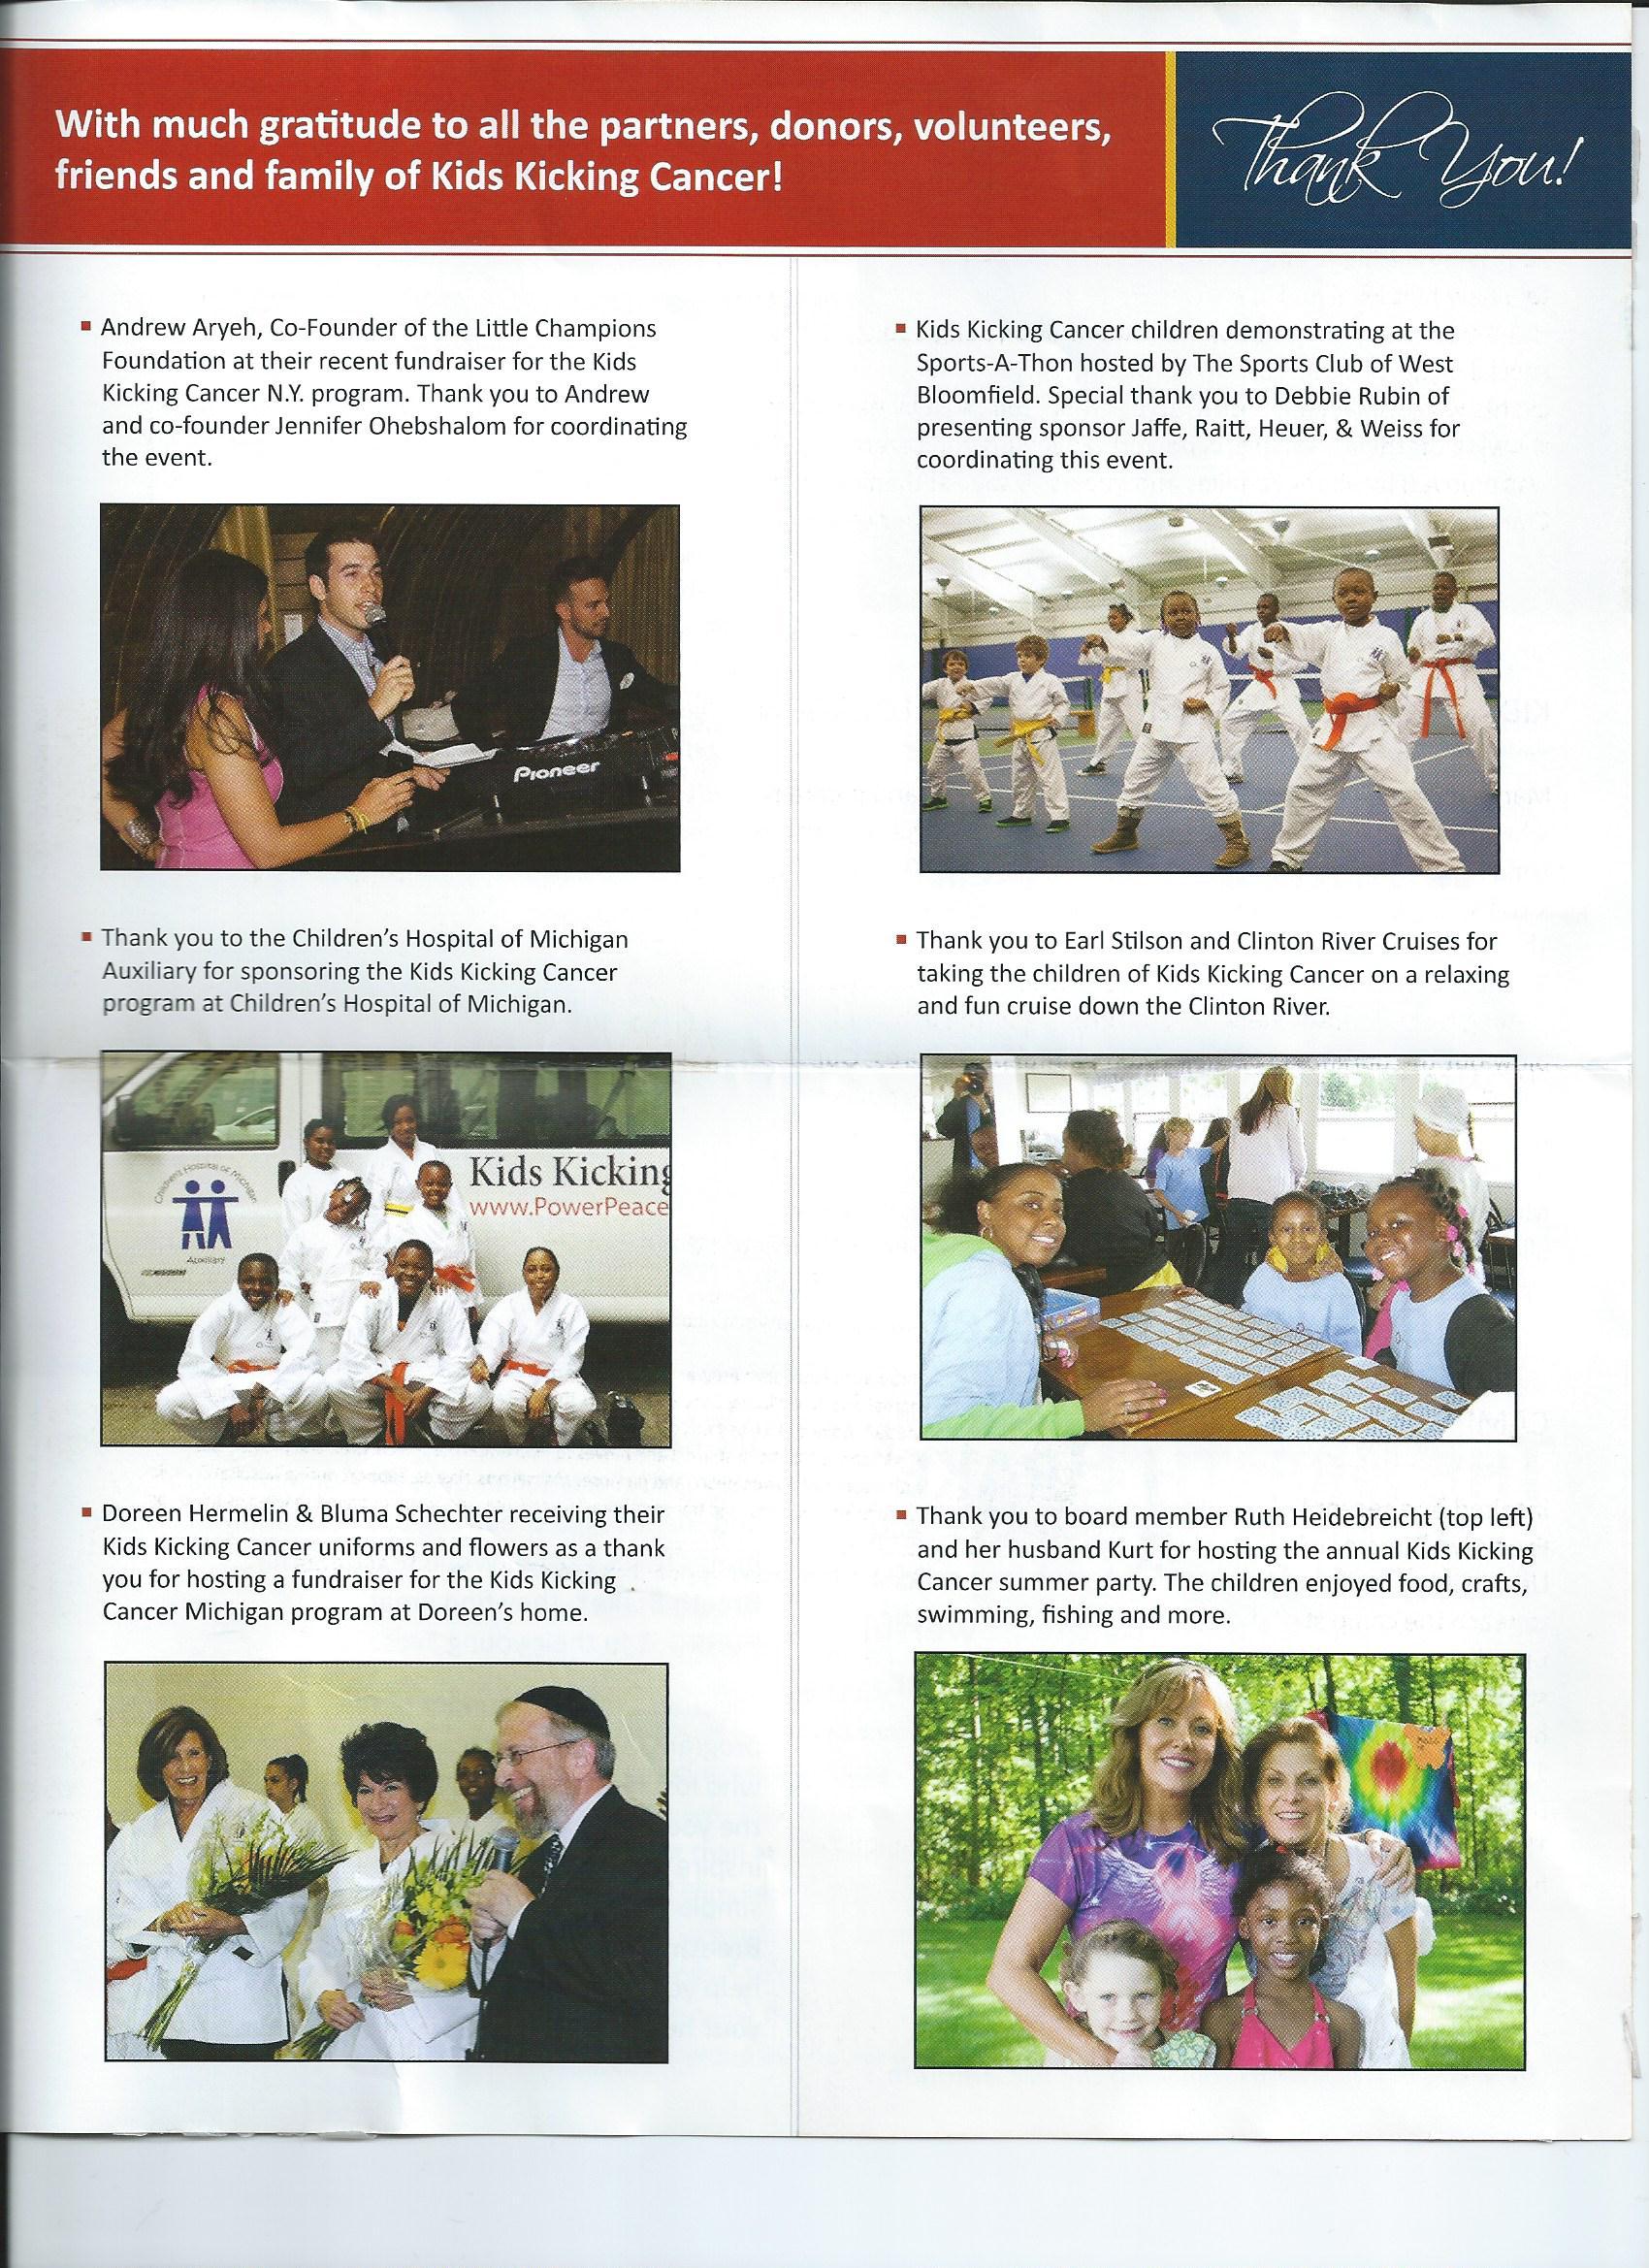 Kids Kicking Cancer newsletter, November 2013